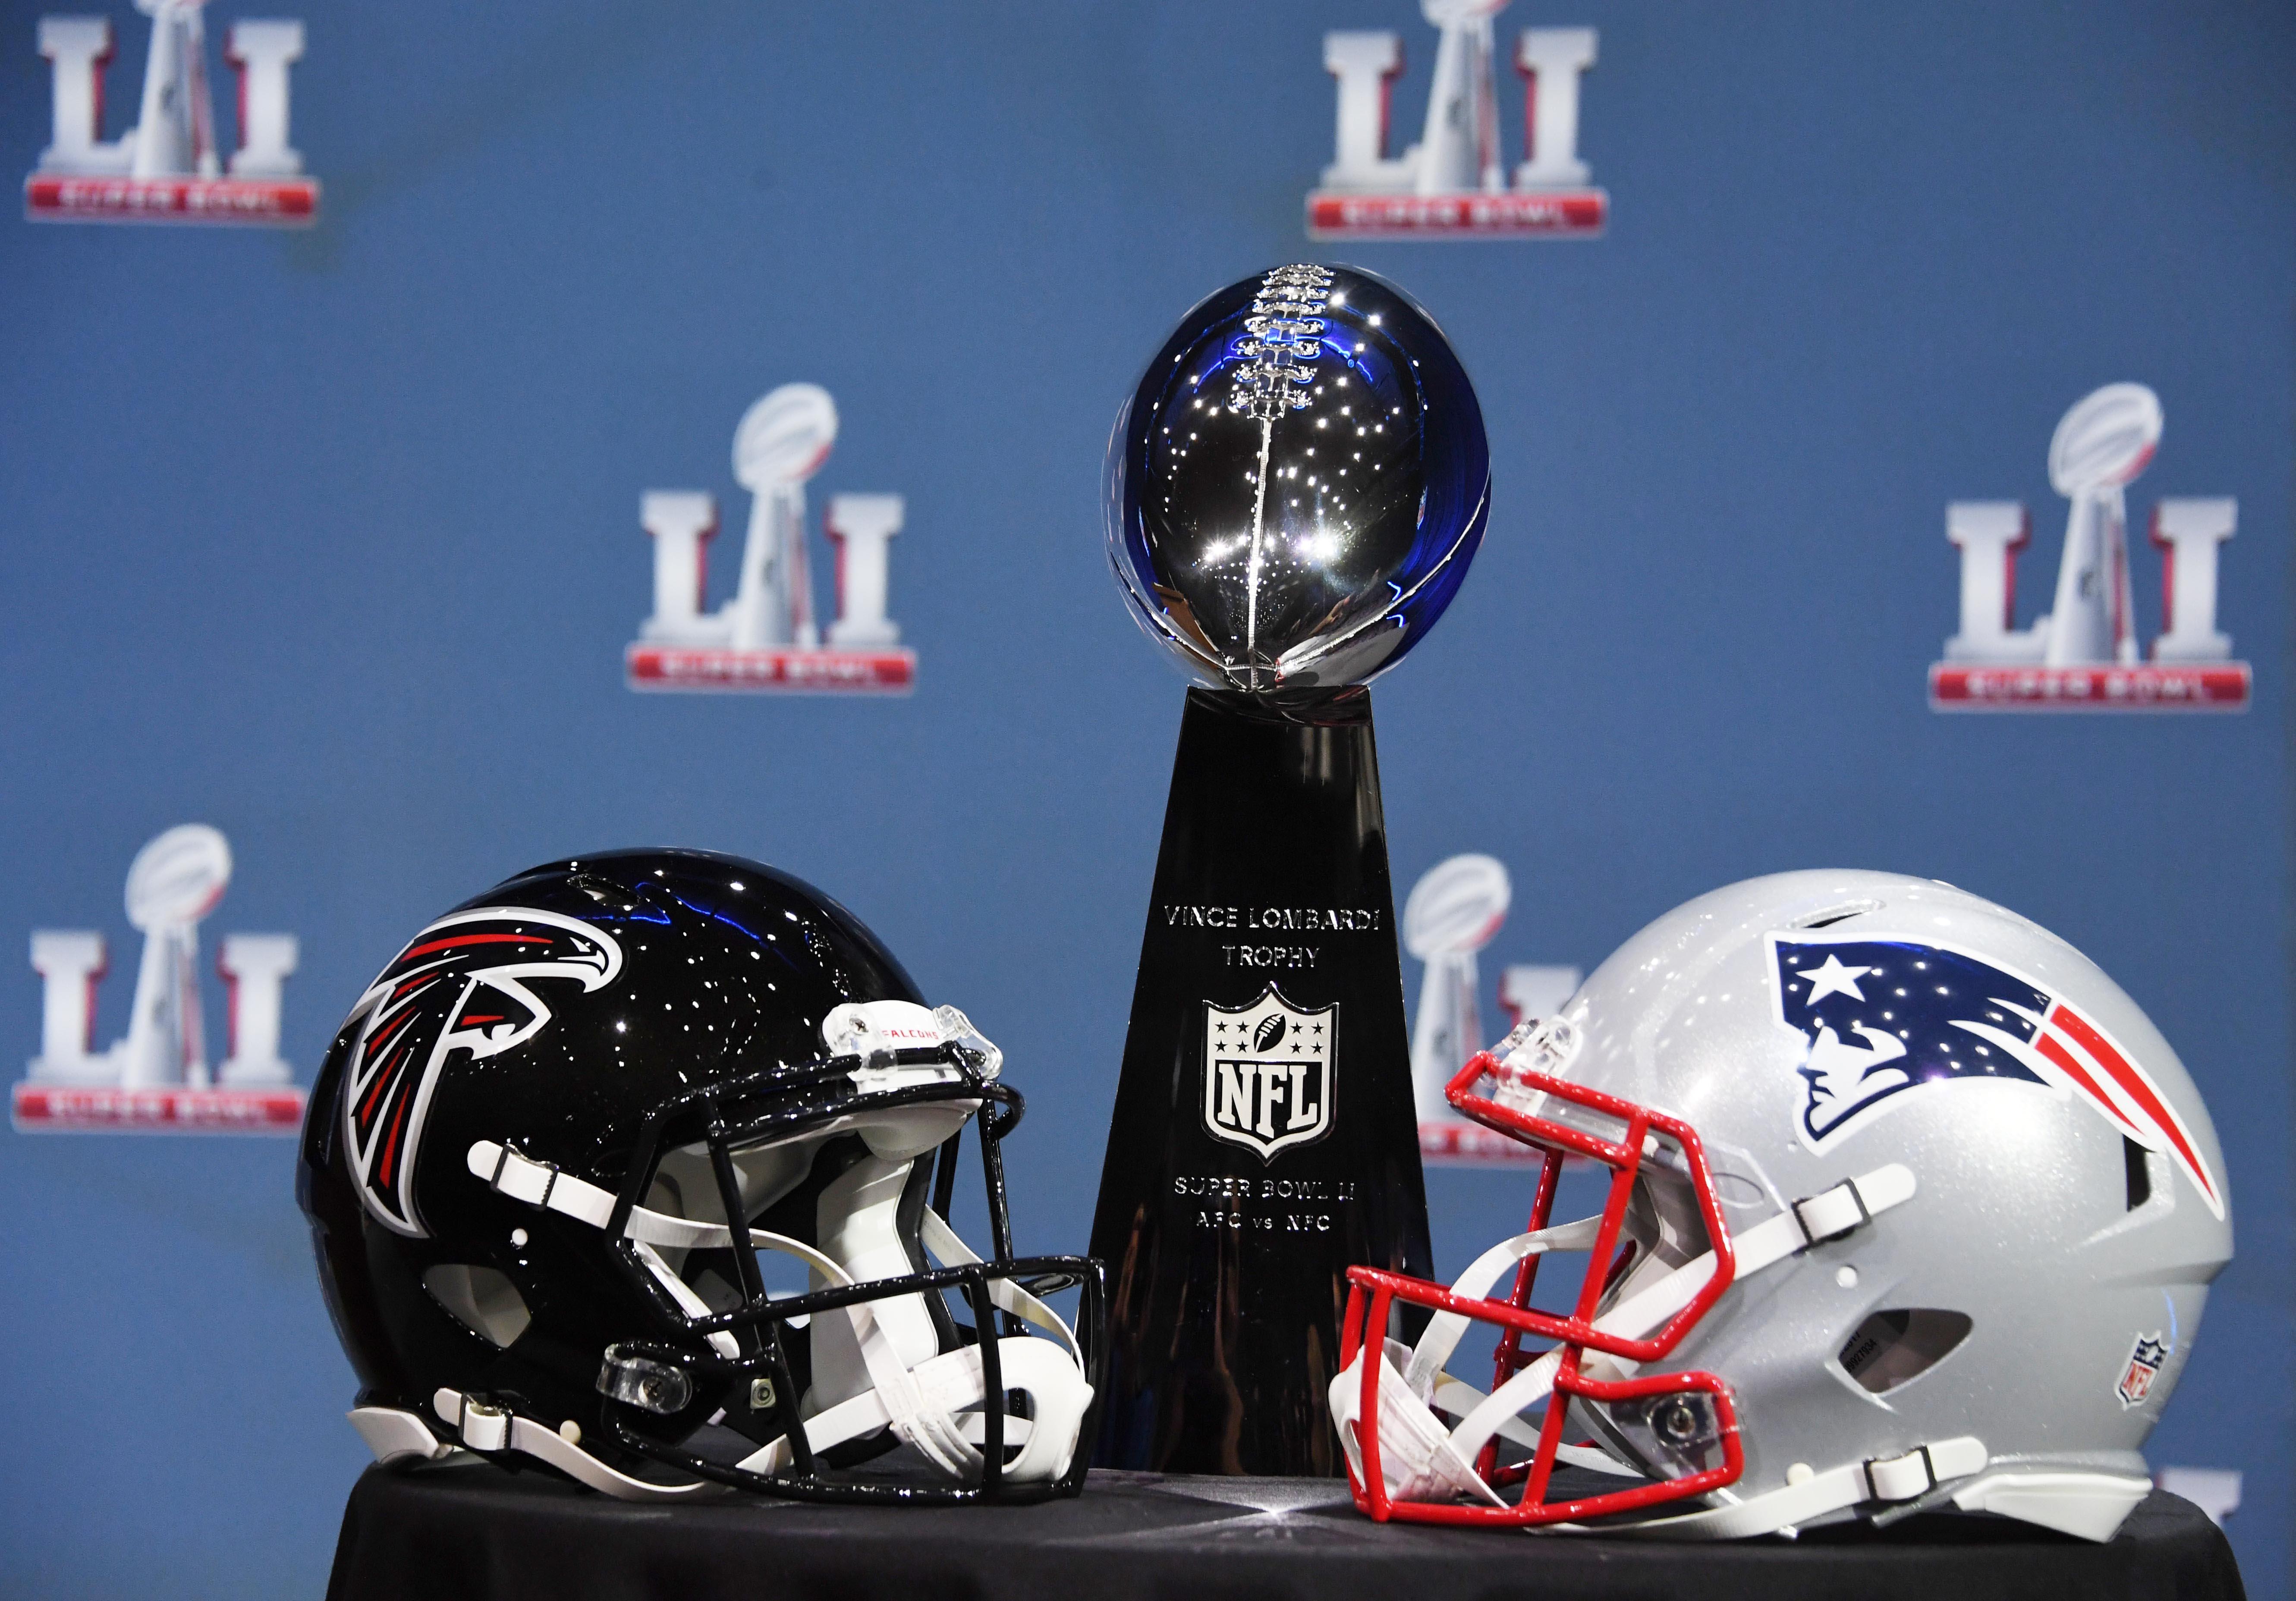 NFL: Super Bowl LI-Commissioner Roger Goodell Press Conference